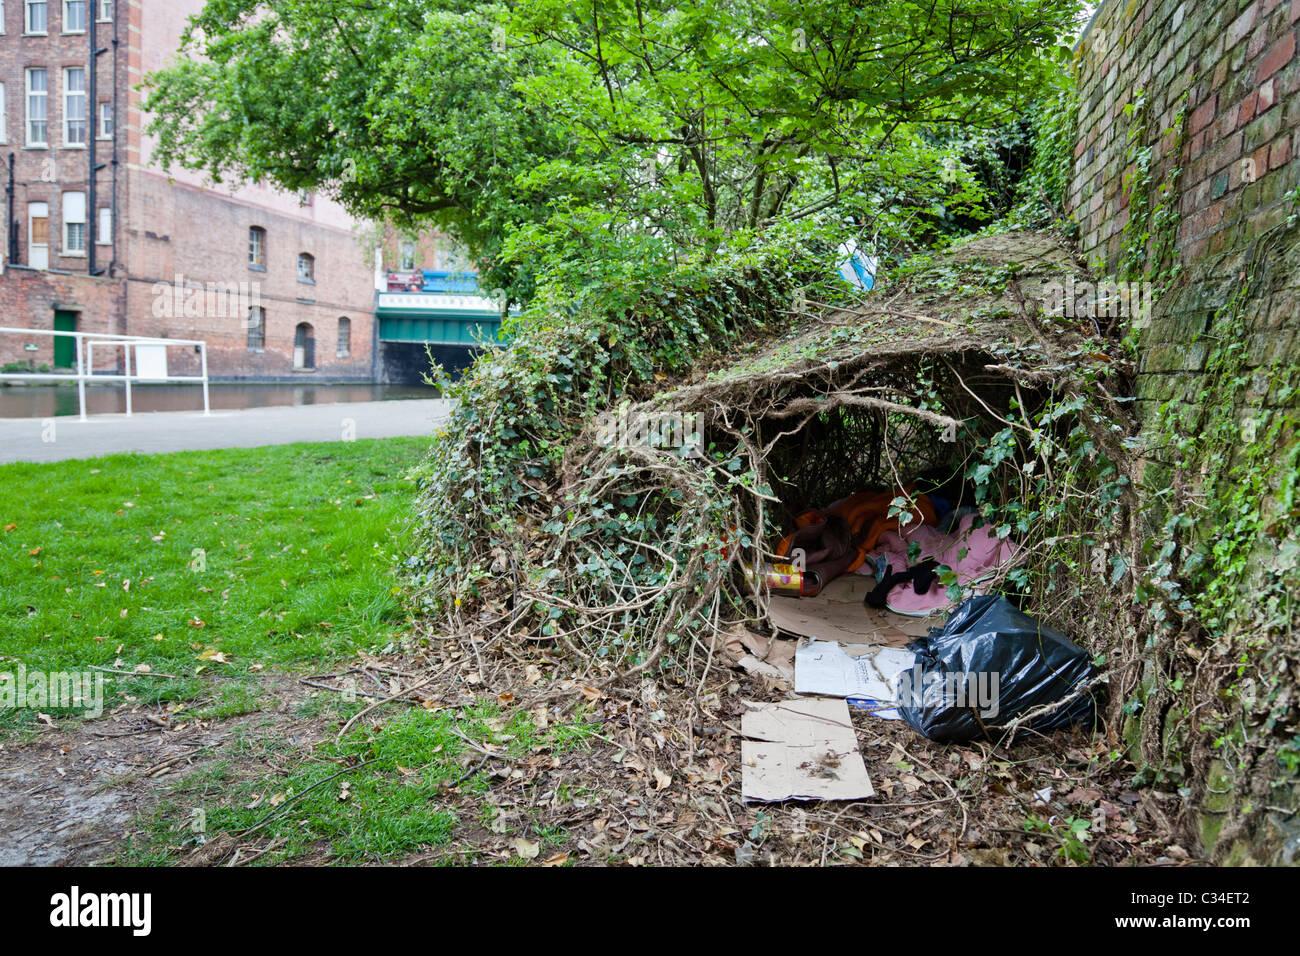 Homelessness UK: homeless person's shelter under bushes in Nottingham, England, UK - Stock Image